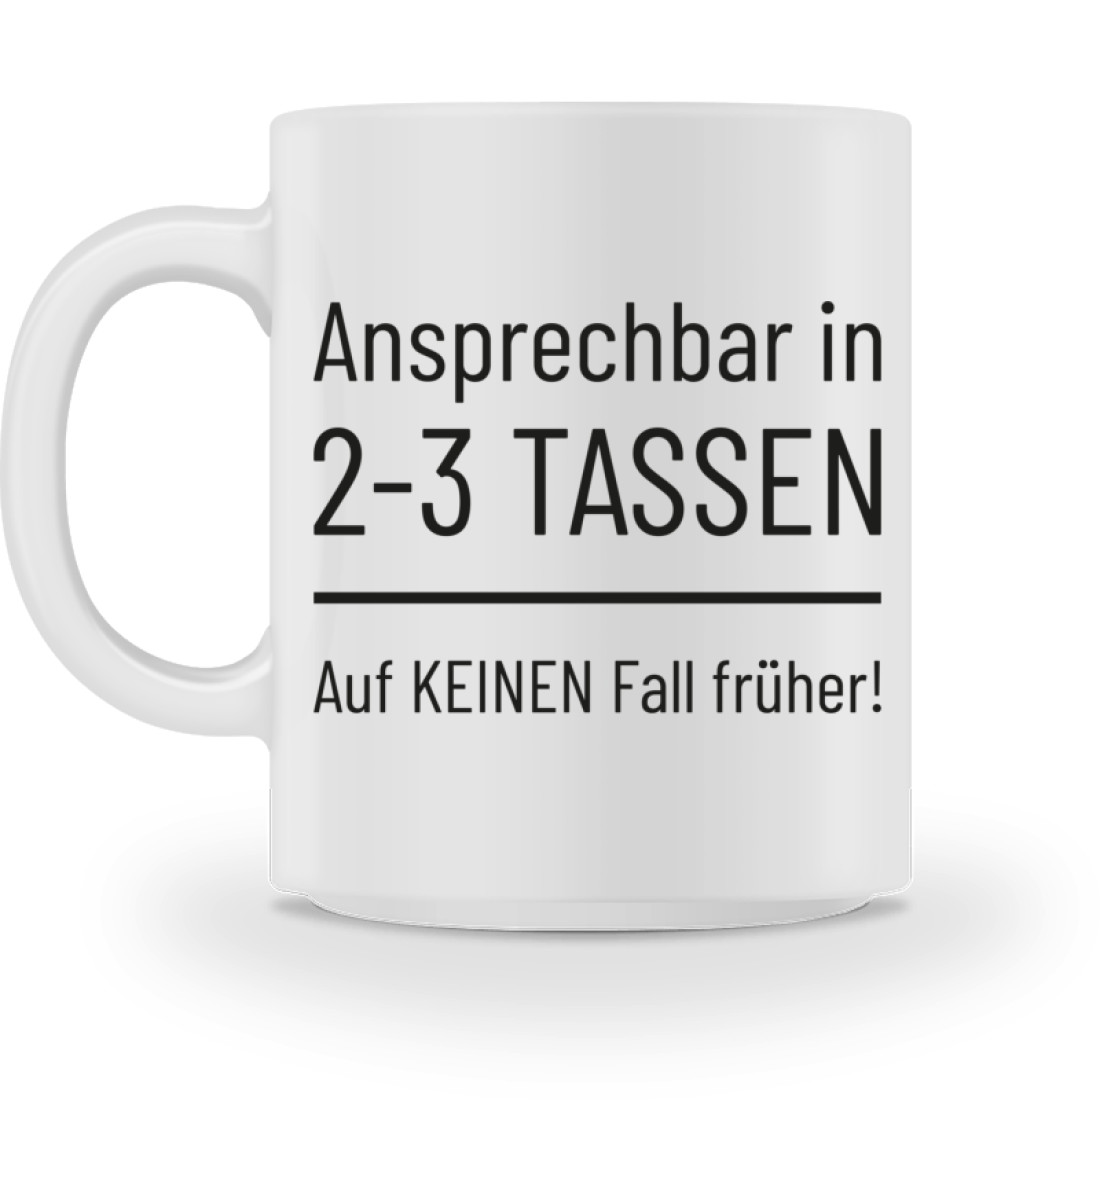 Ansprechbar in 2-3 Tassen - Tasse-3